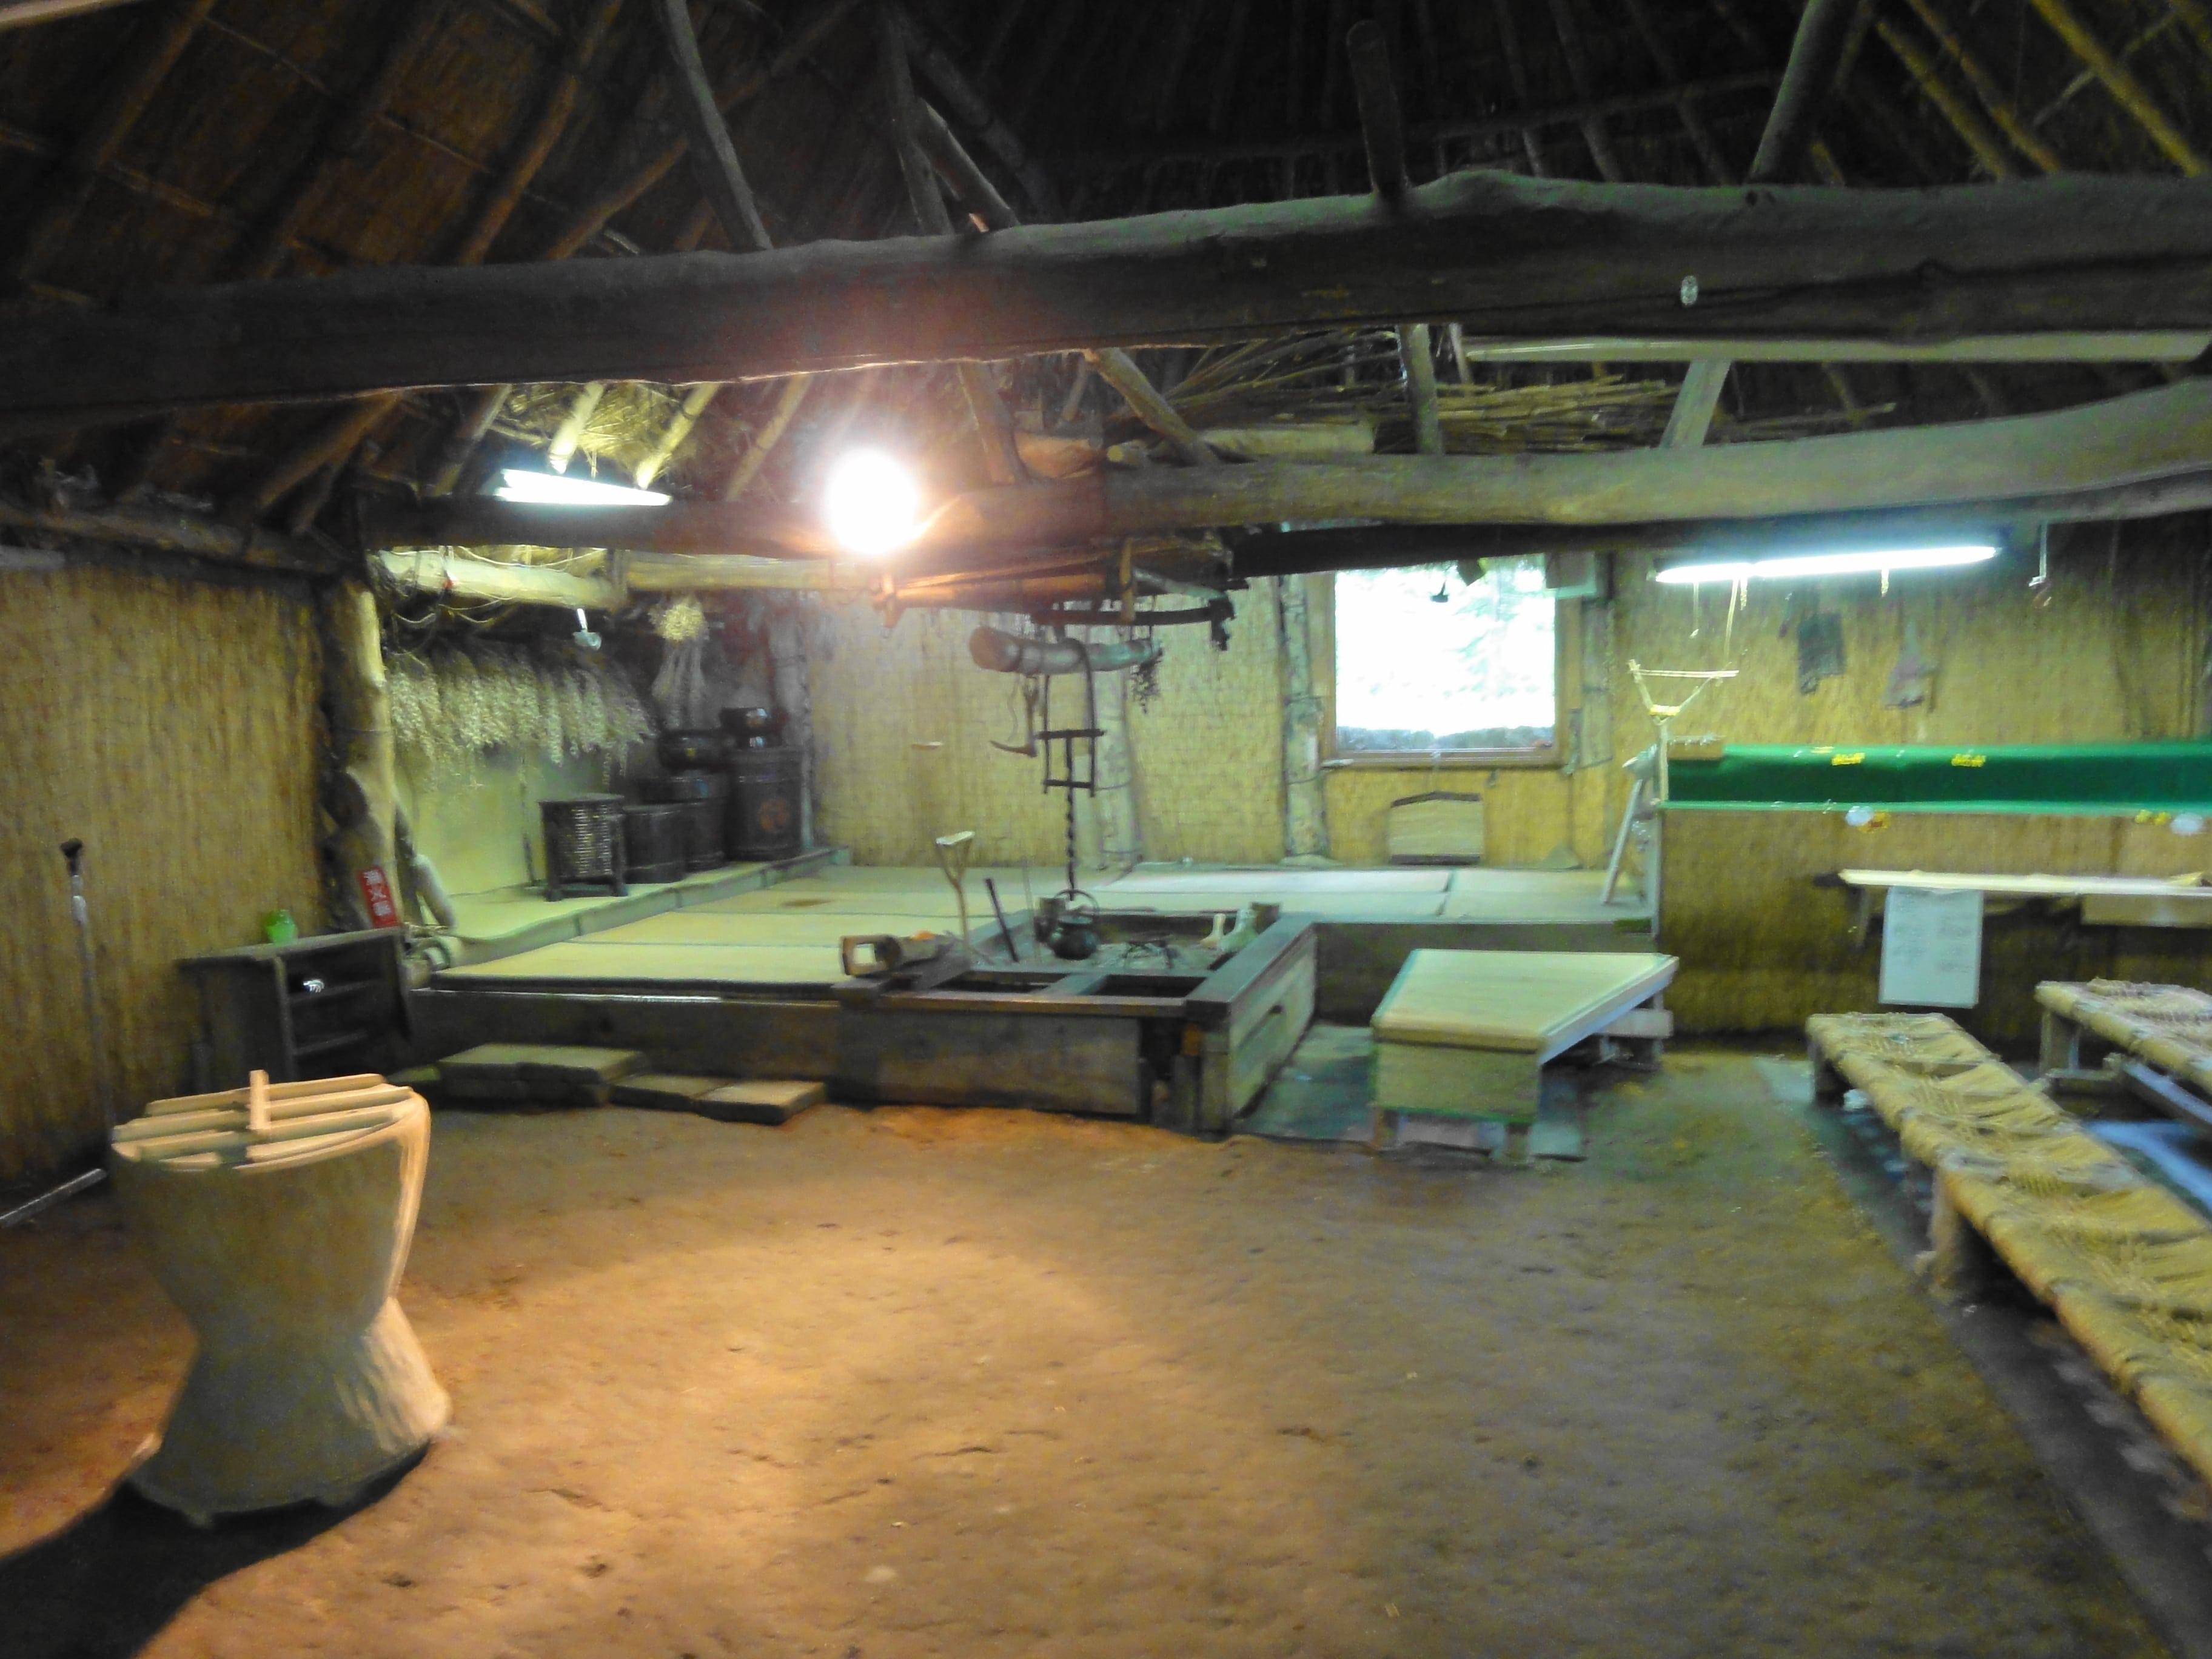 のぼりべつクマ牧場の家屋展示内部